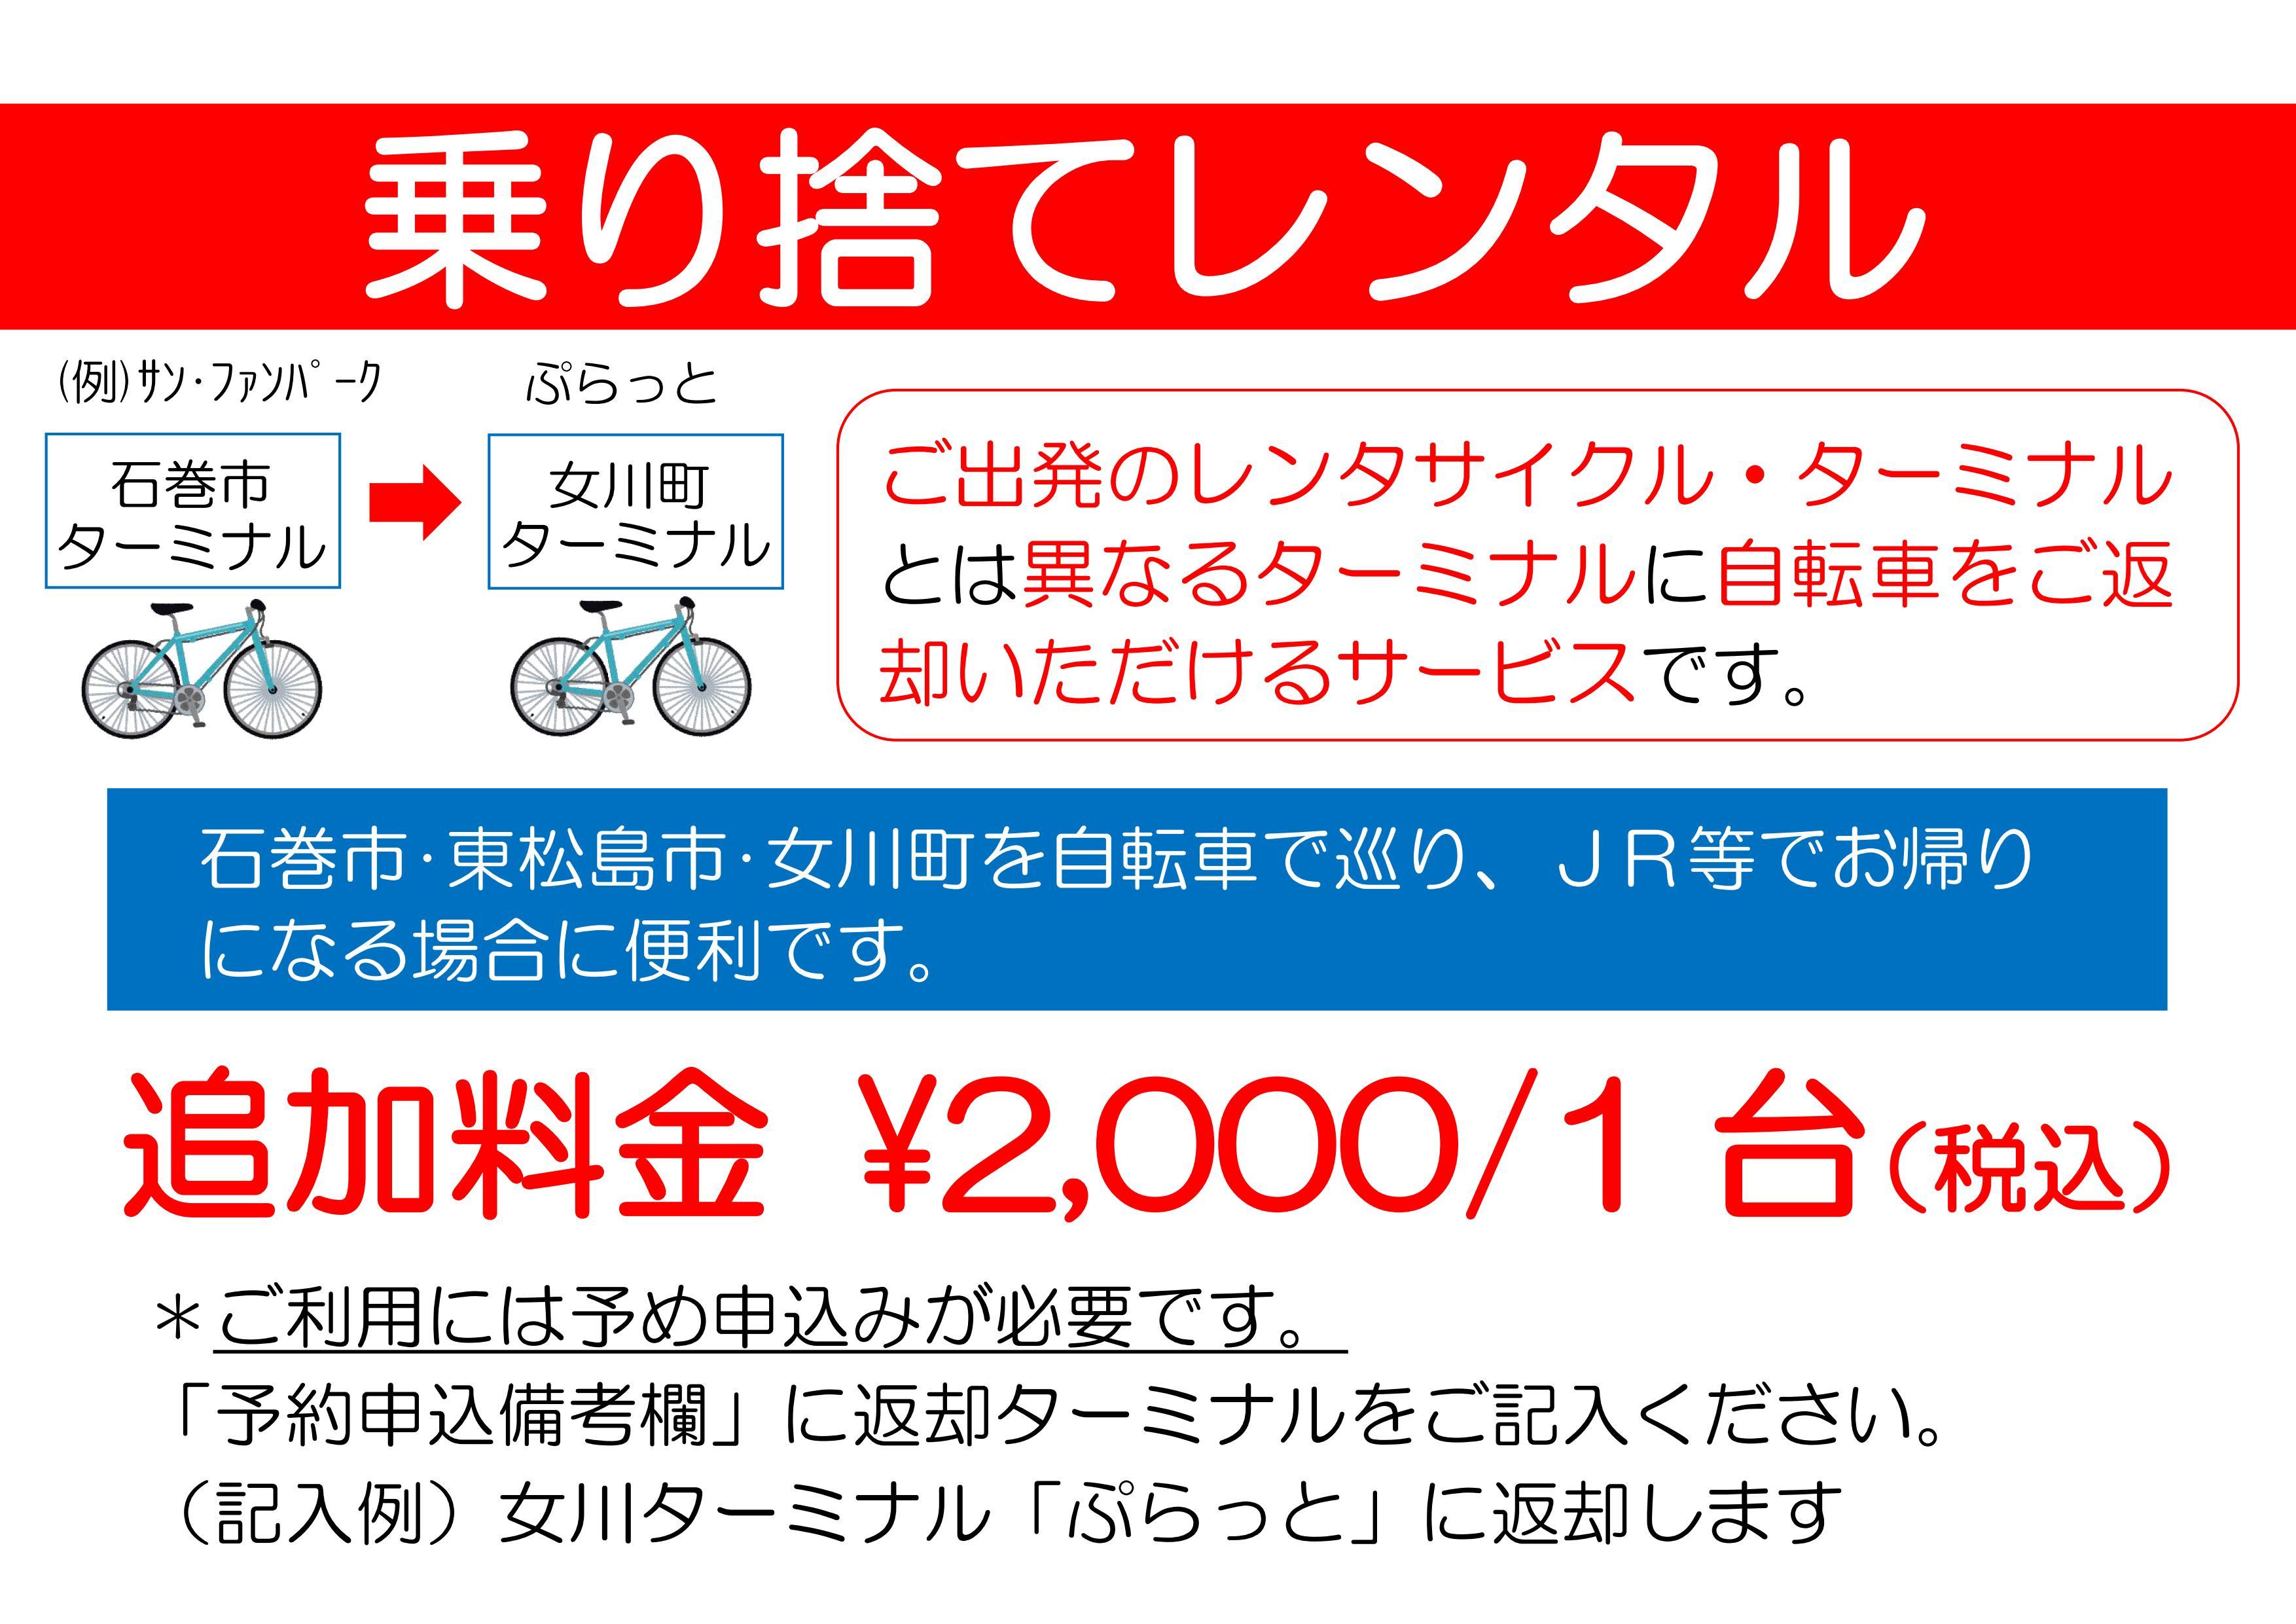 【石巻市】いしのまき元気いちば レンタサイクル申込フォーム